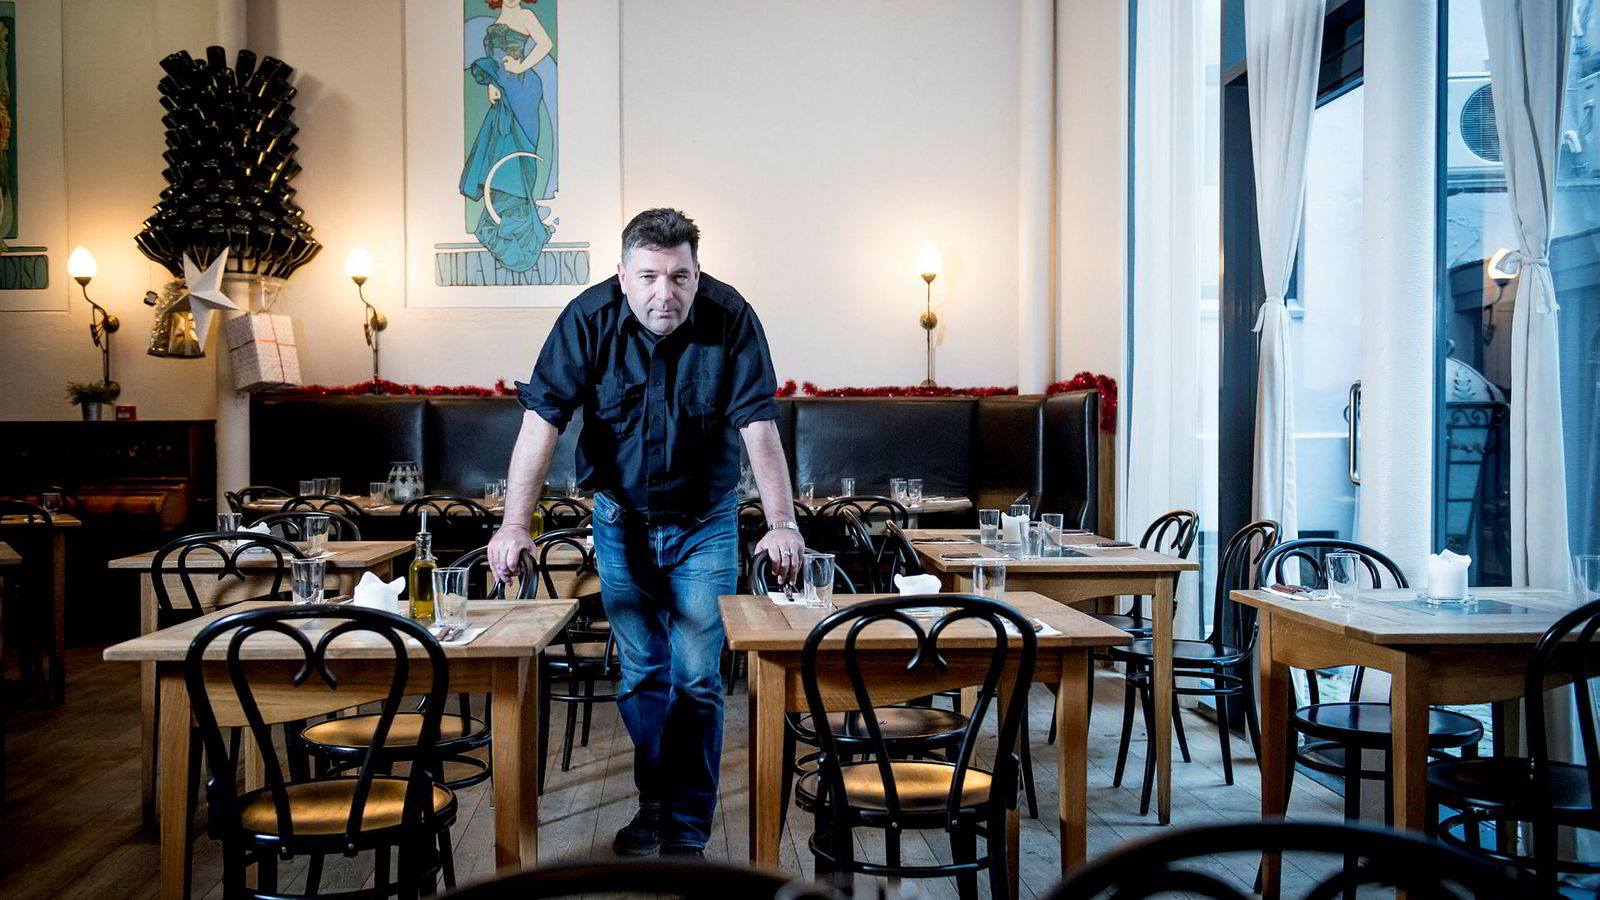 Jan Vardøen er grunnleggeren av en rekke restauranter og barer i Oslo. Nå er hans restaurant The Nighthawk Diner i Bygdøy allé konkurs. Her er han i lokalene til restauranten Villa Paradiso på Frogner.